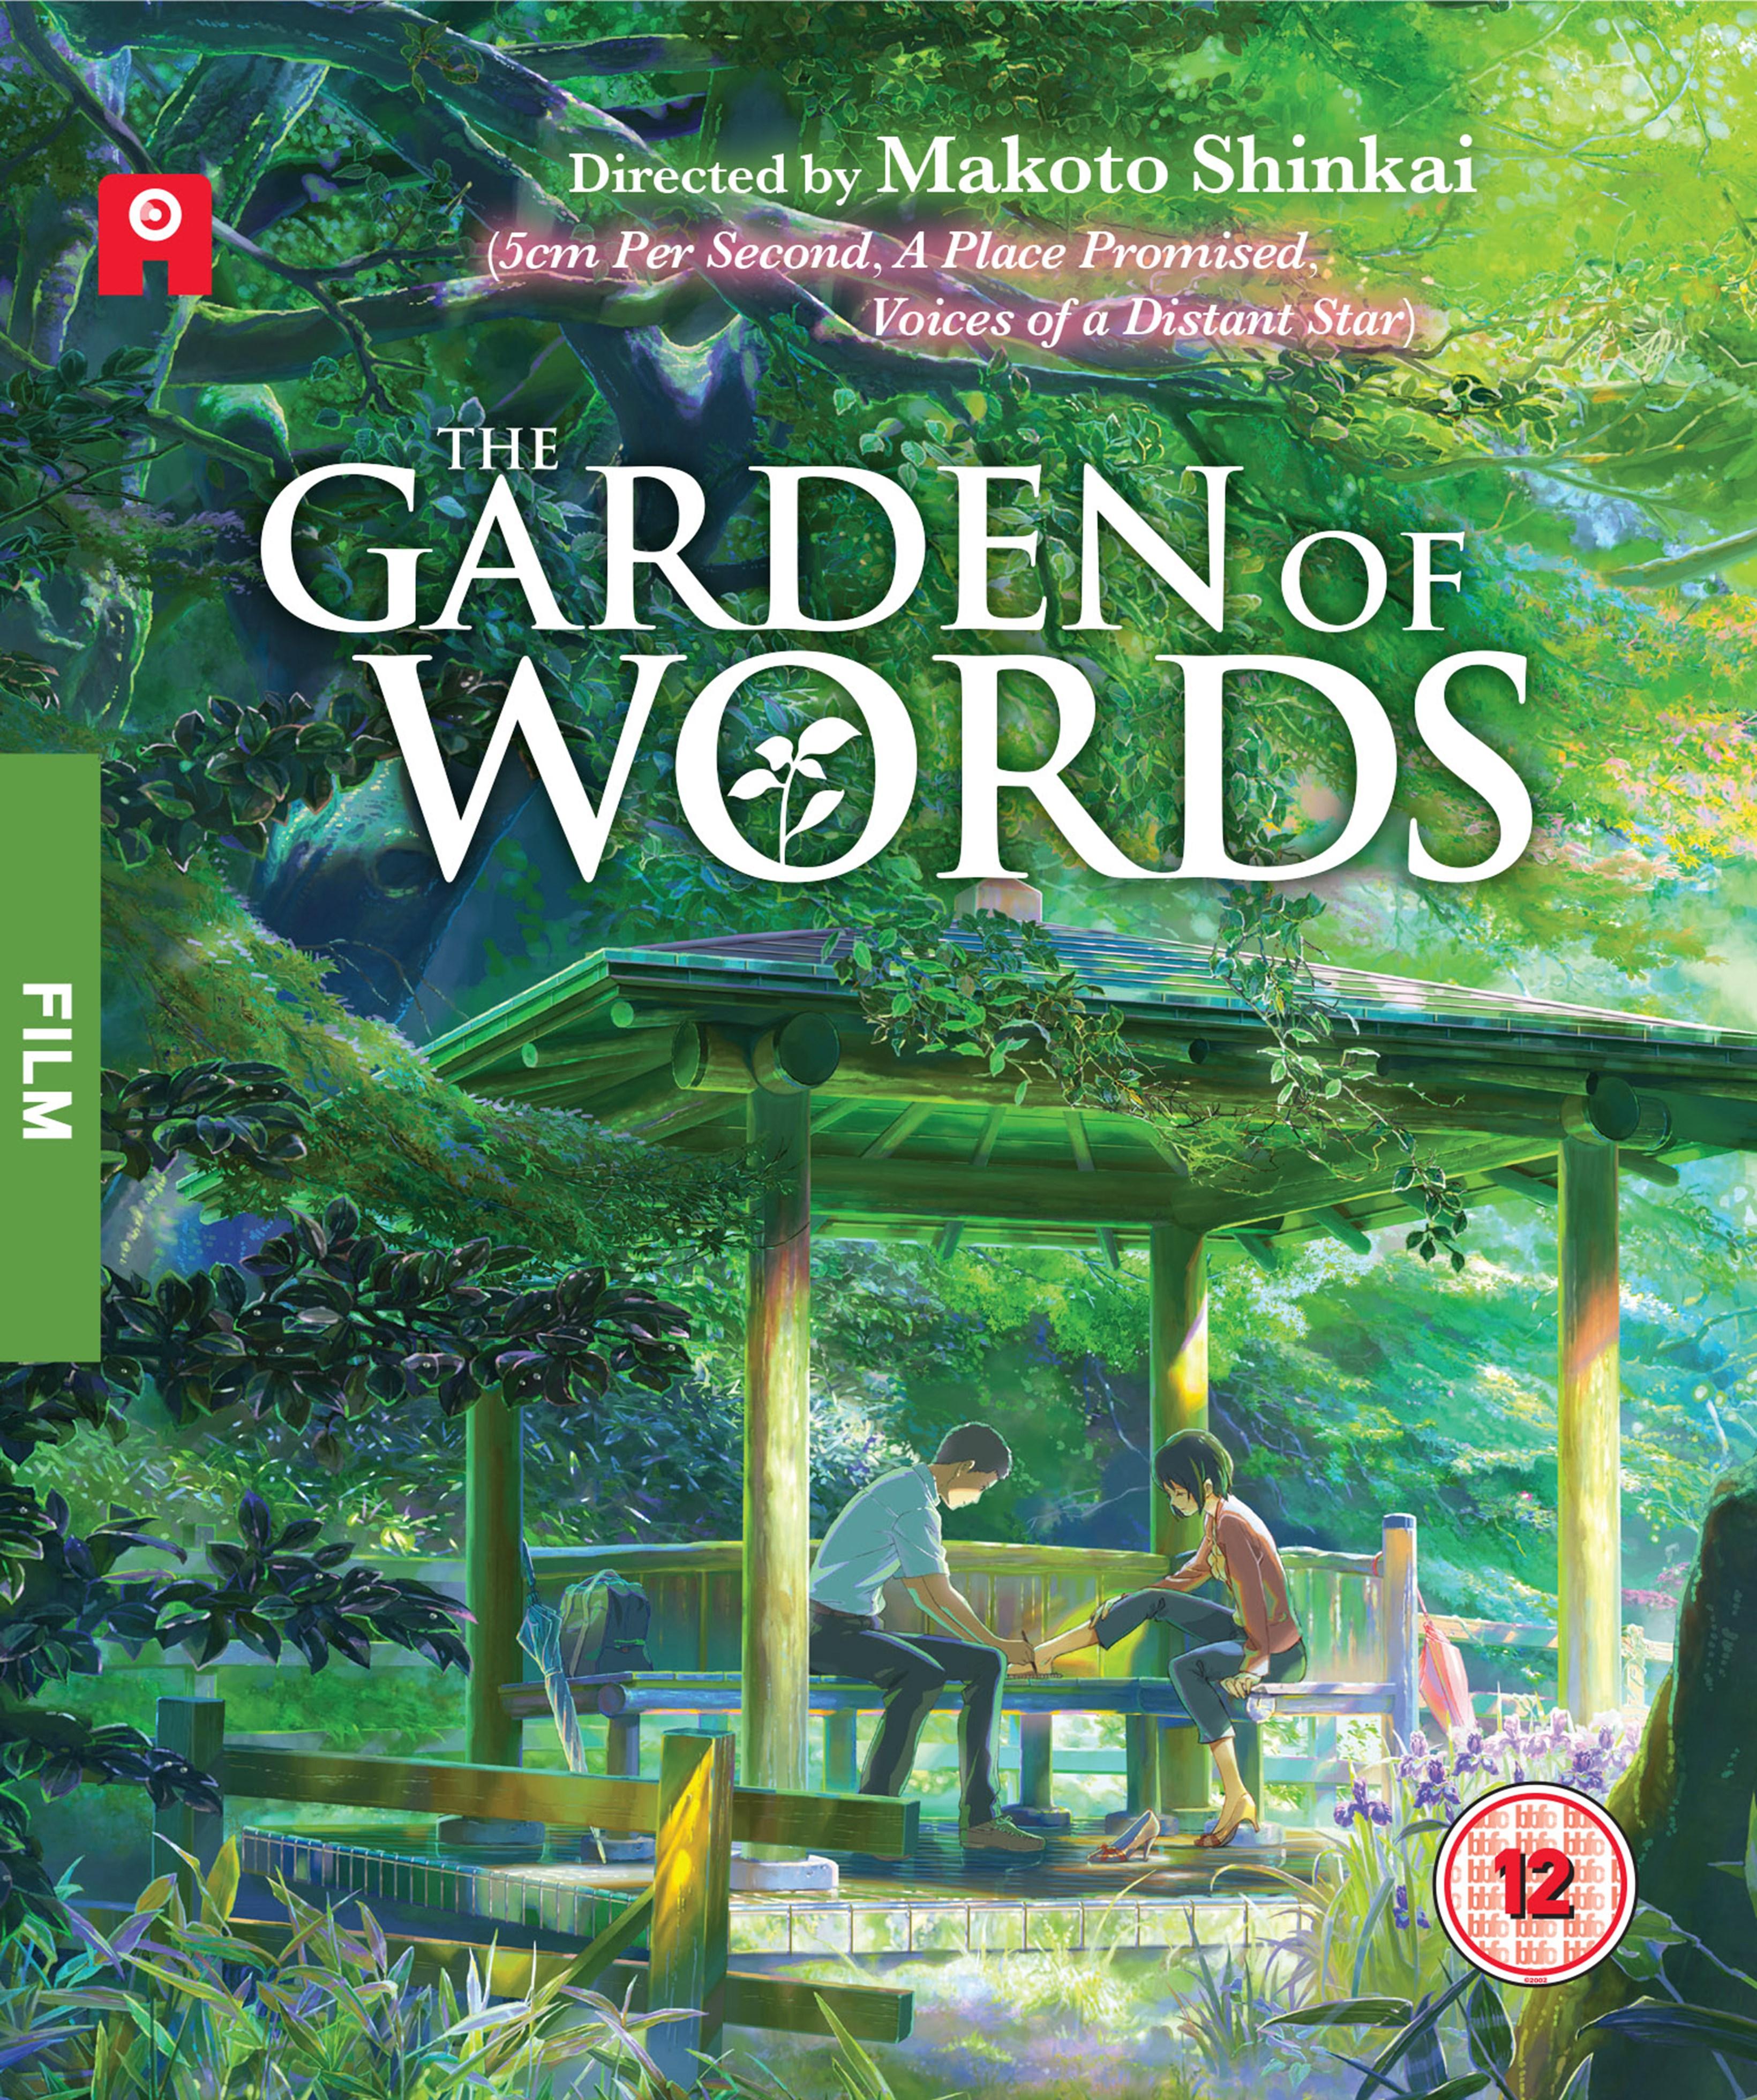 The Garden of Words - 1